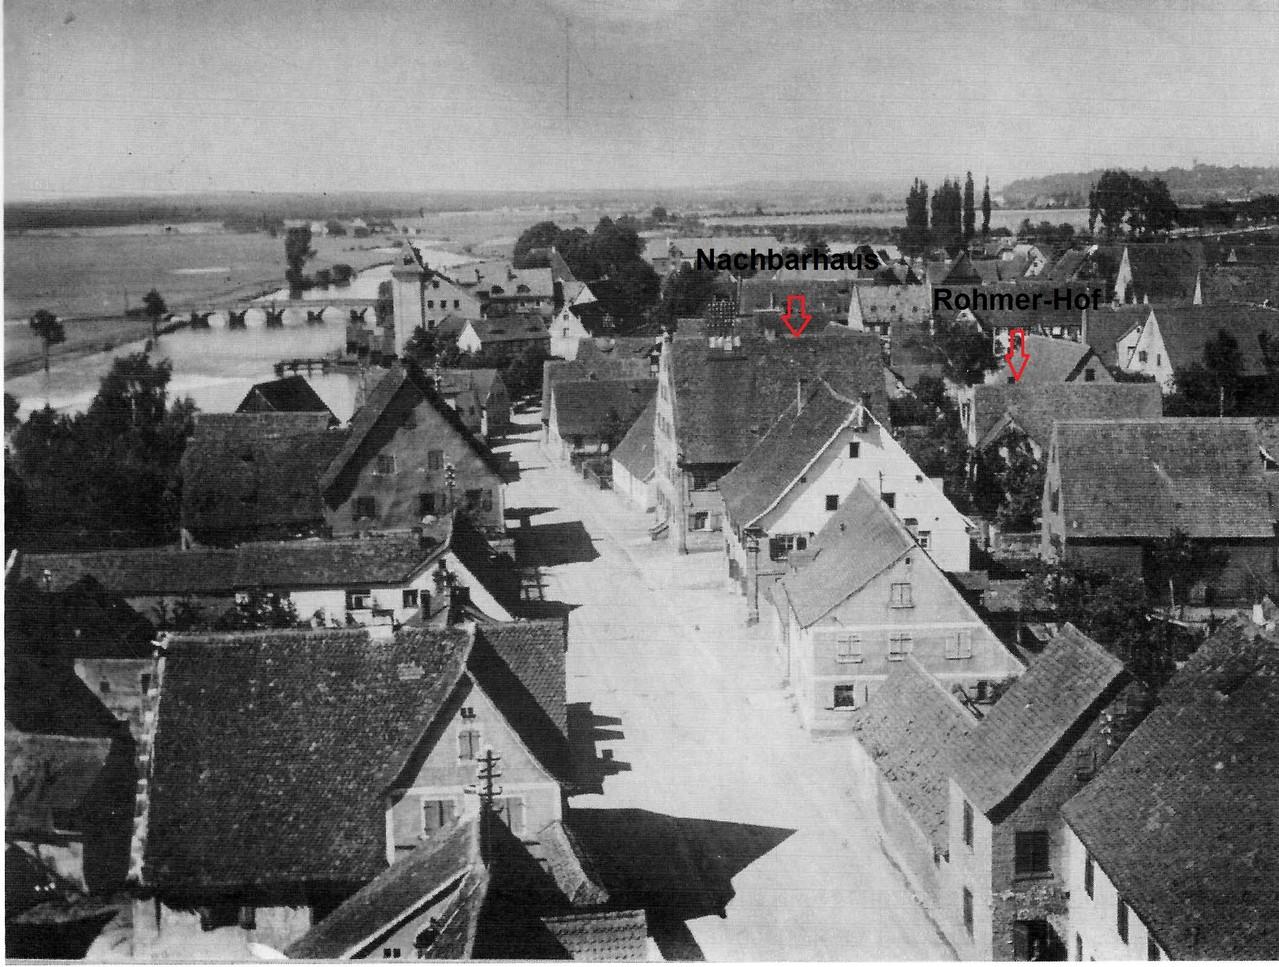 Die Lage der Nachbarhäuser vom Kirchturm aus gesehen: vorn an der Straße das große Barockhaus - dahinter der Bauernhof der Familie Rohmer-Paulus